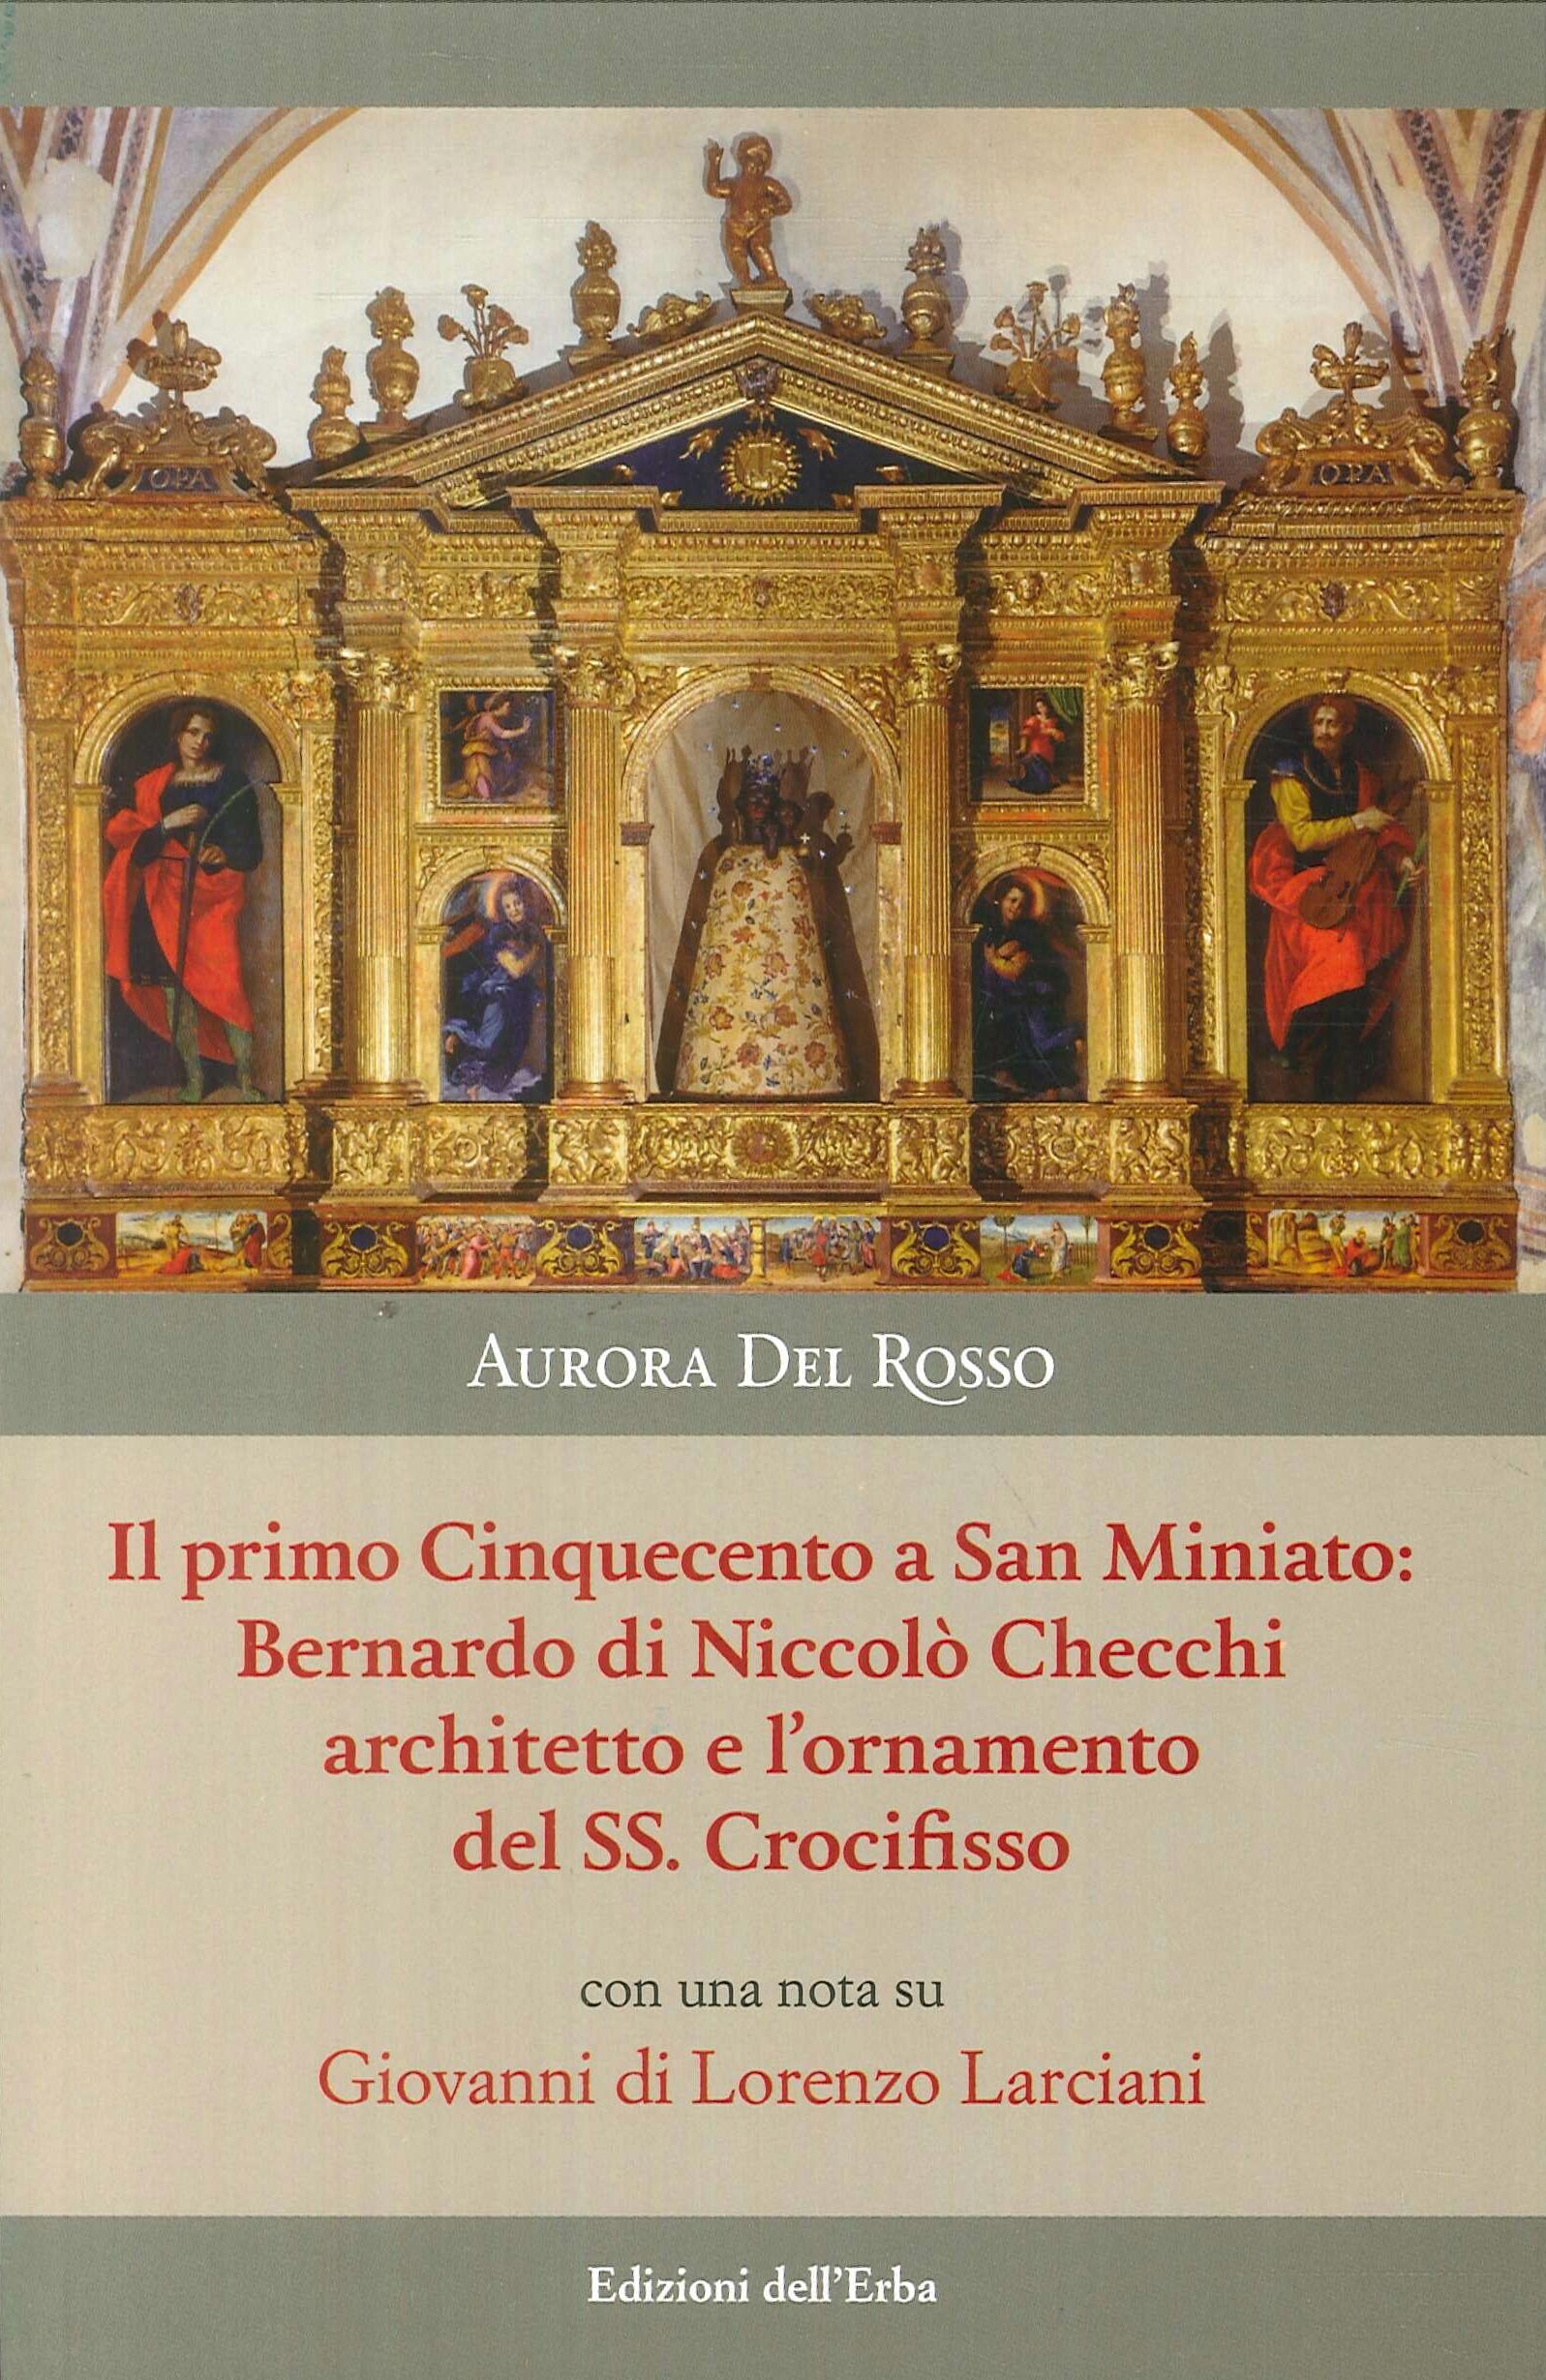 Il primo Cinquecento a San Miniato:Bernardo di Niccolò Checchi architetto e l'ornamento del Santissimo Crocifisso con una nota su Giovanni di Lorenzo Larciani.